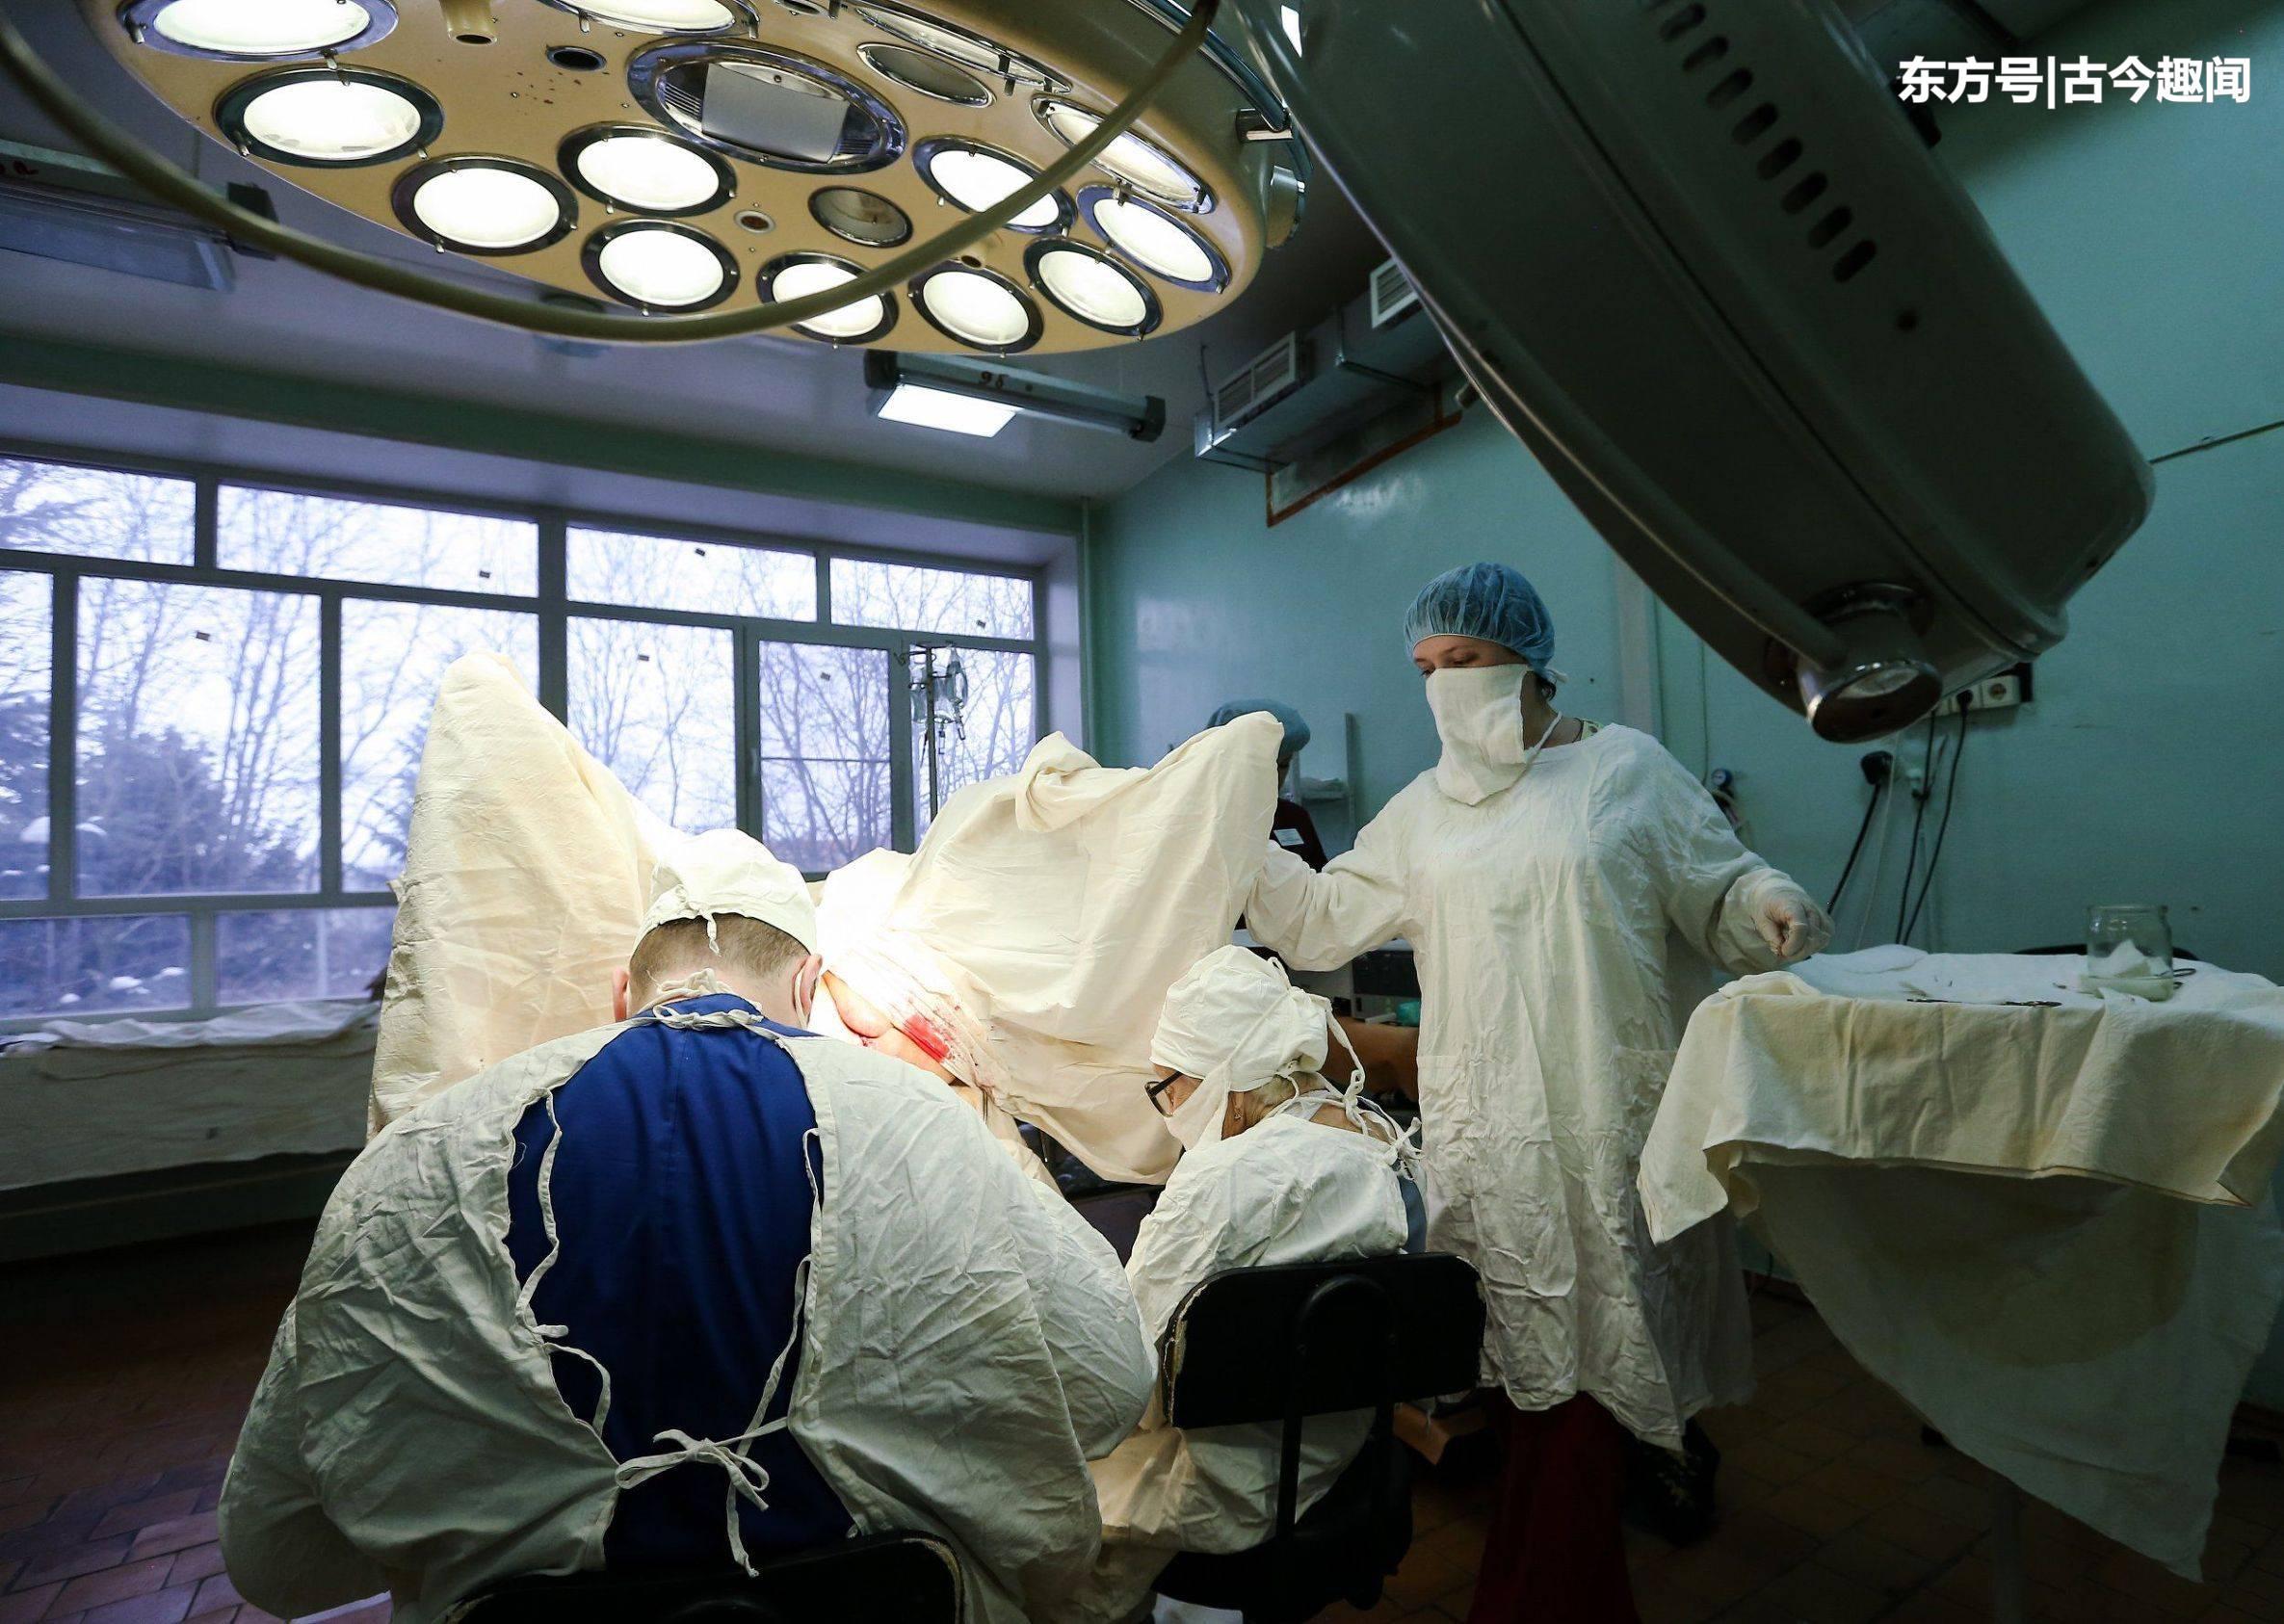 俄罗斯九十岁高龄医生依然上手术台,做了一生手术,失败率为零